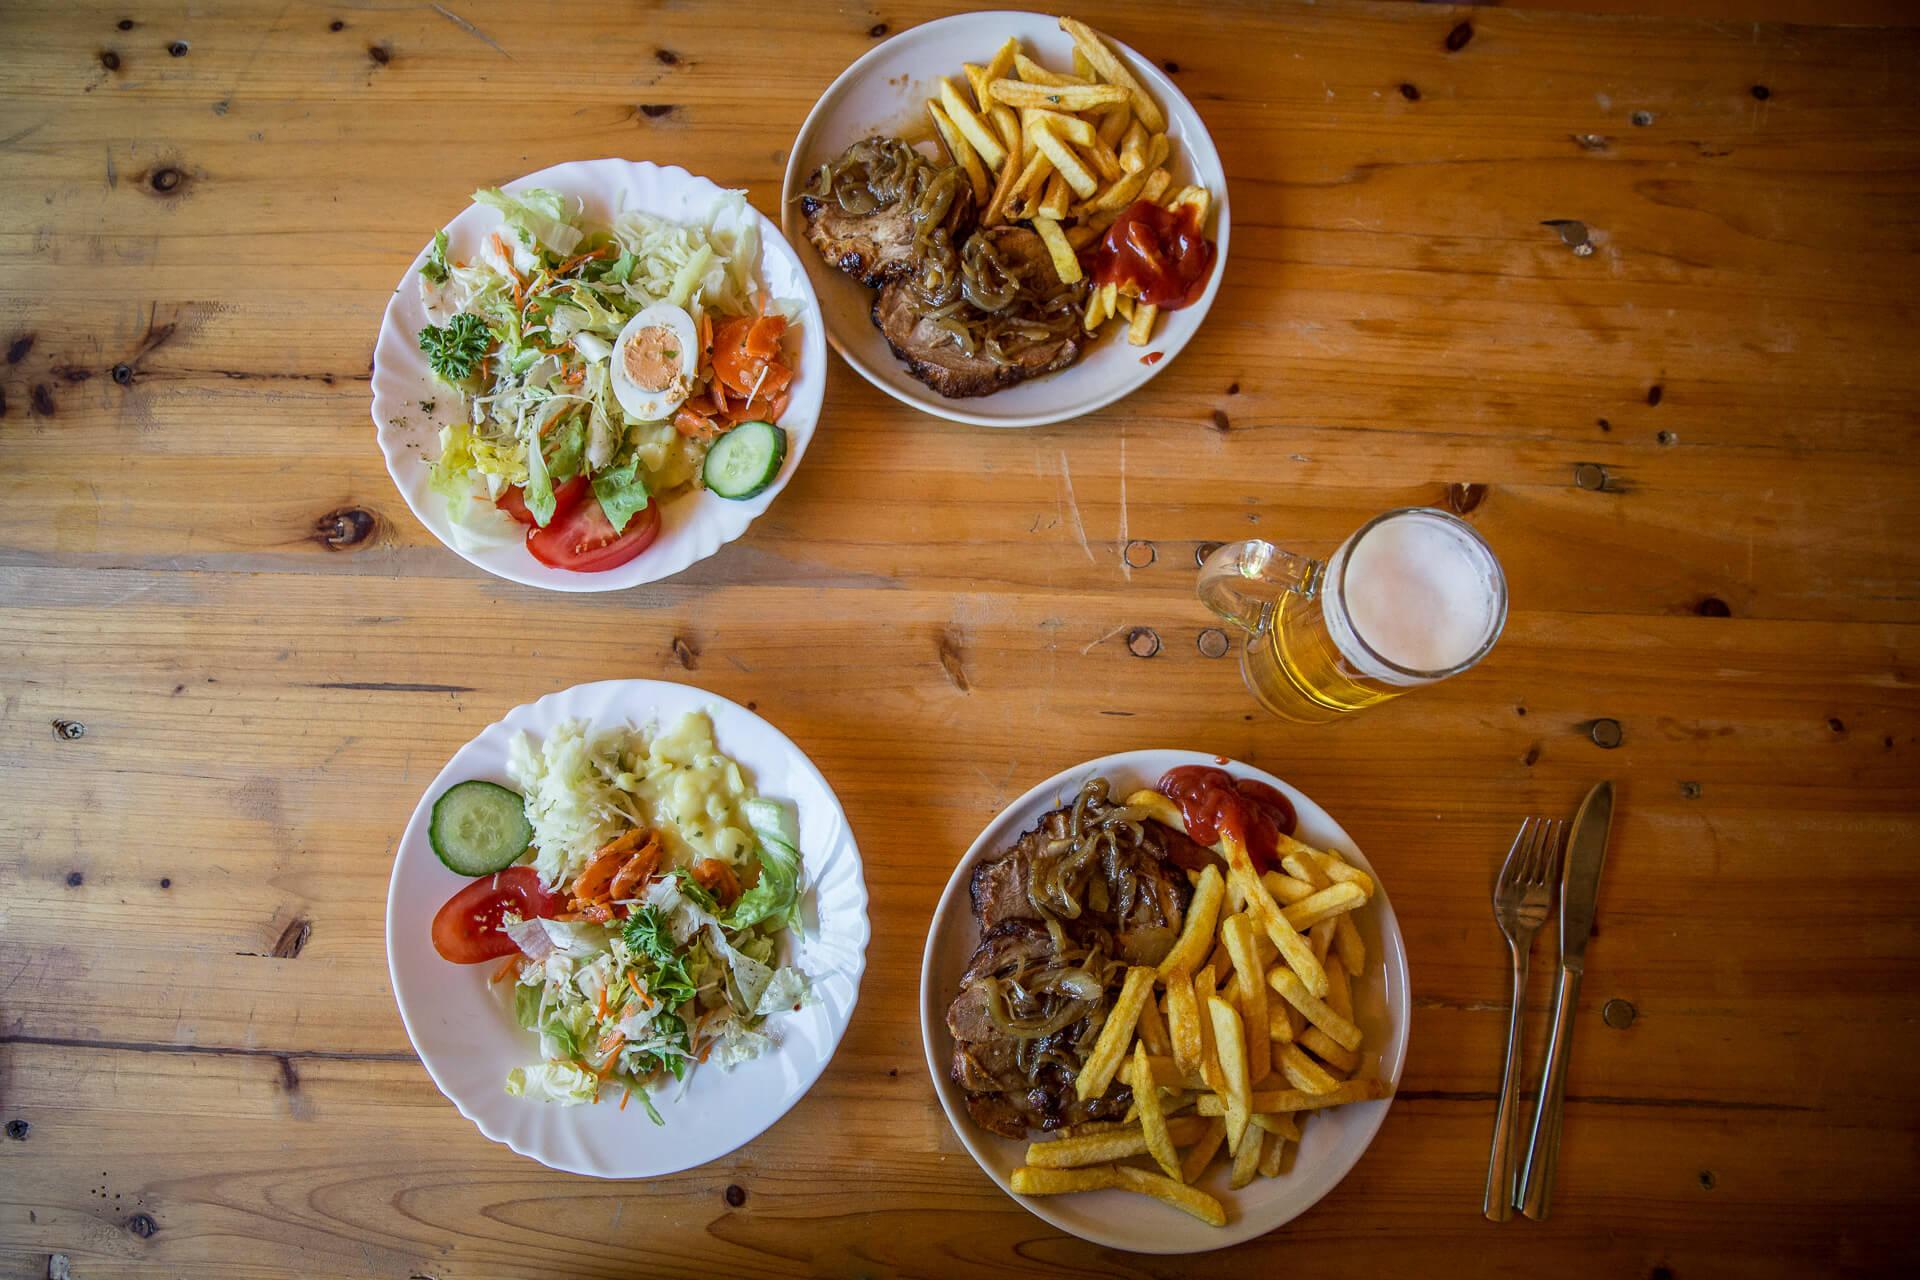 reichhaltiges Speiseangebot